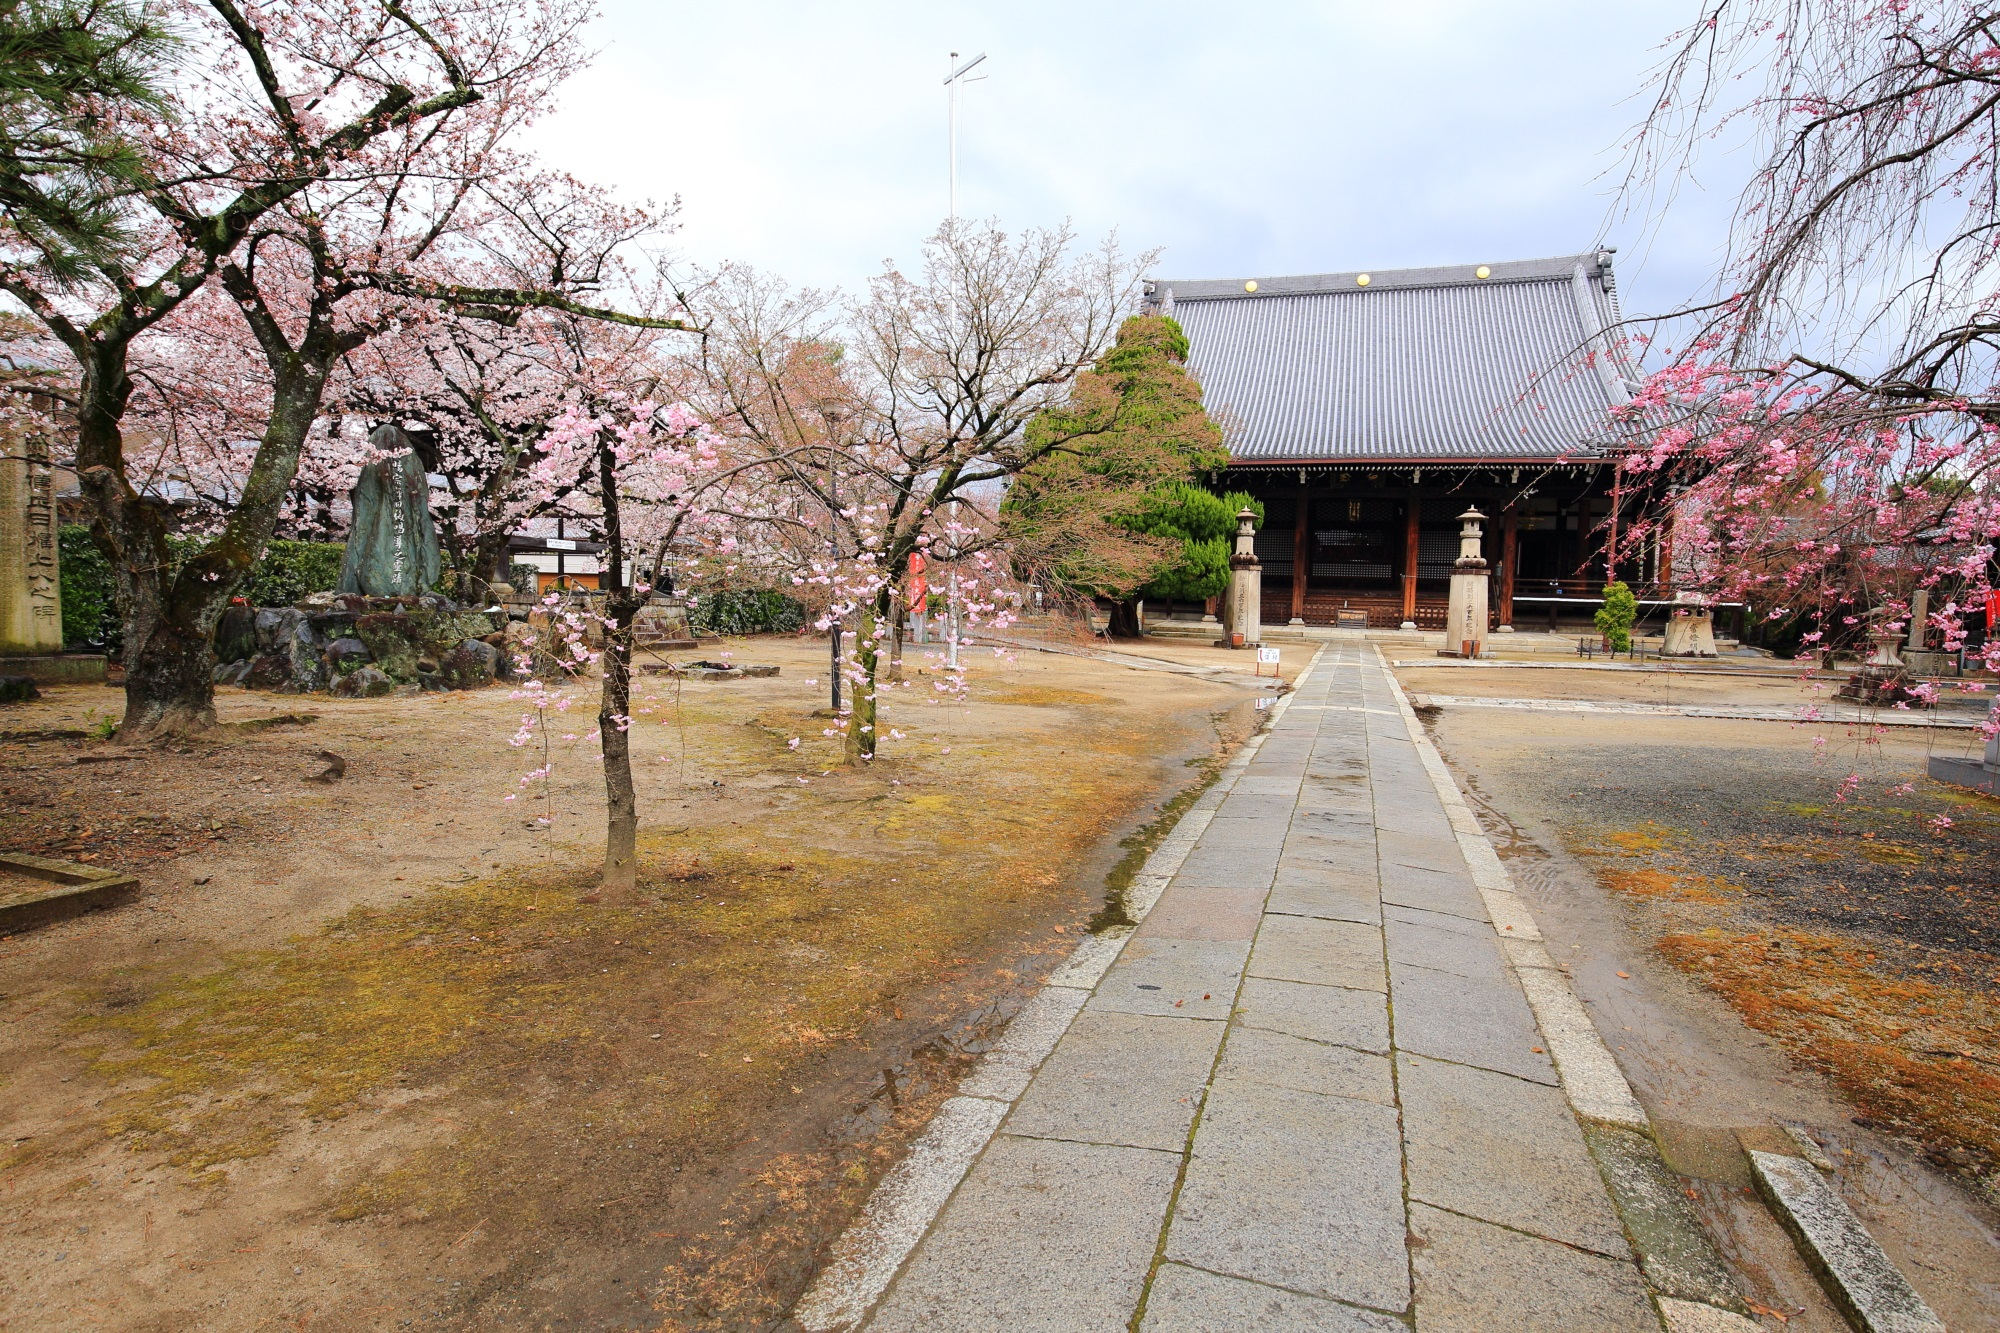 妙顕寺(みょうけんじ)の本堂と桜